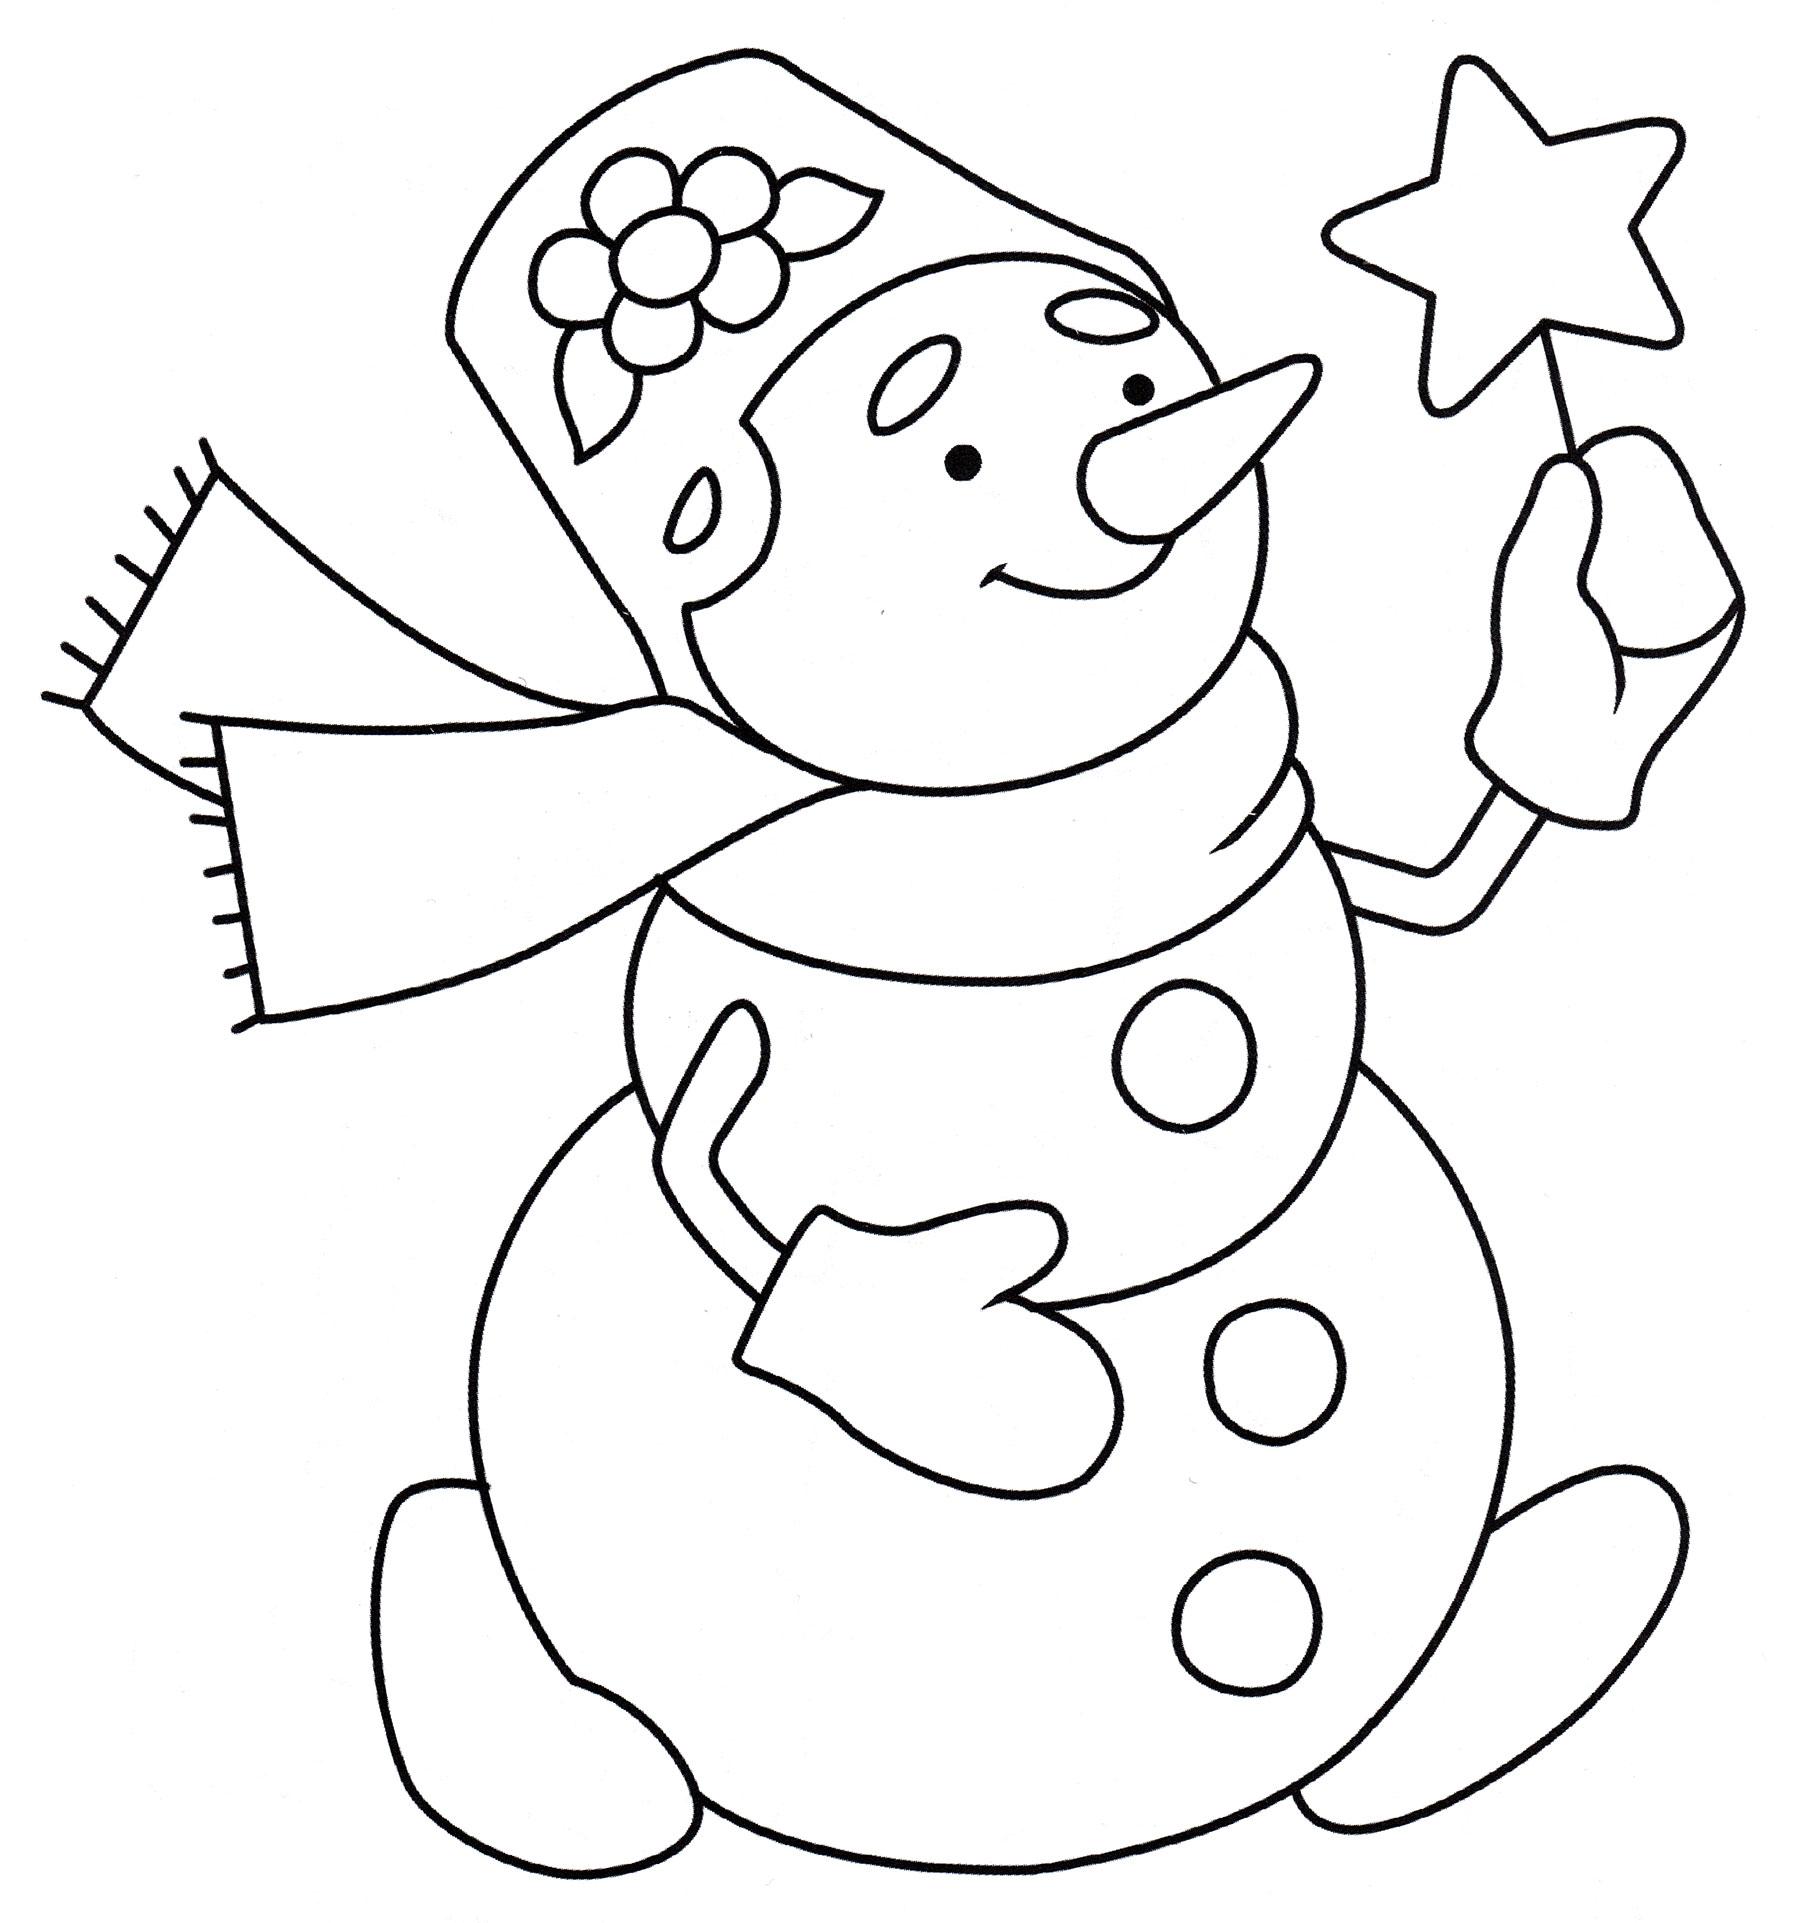 маленькая картинка снеговика раскраска все готовим